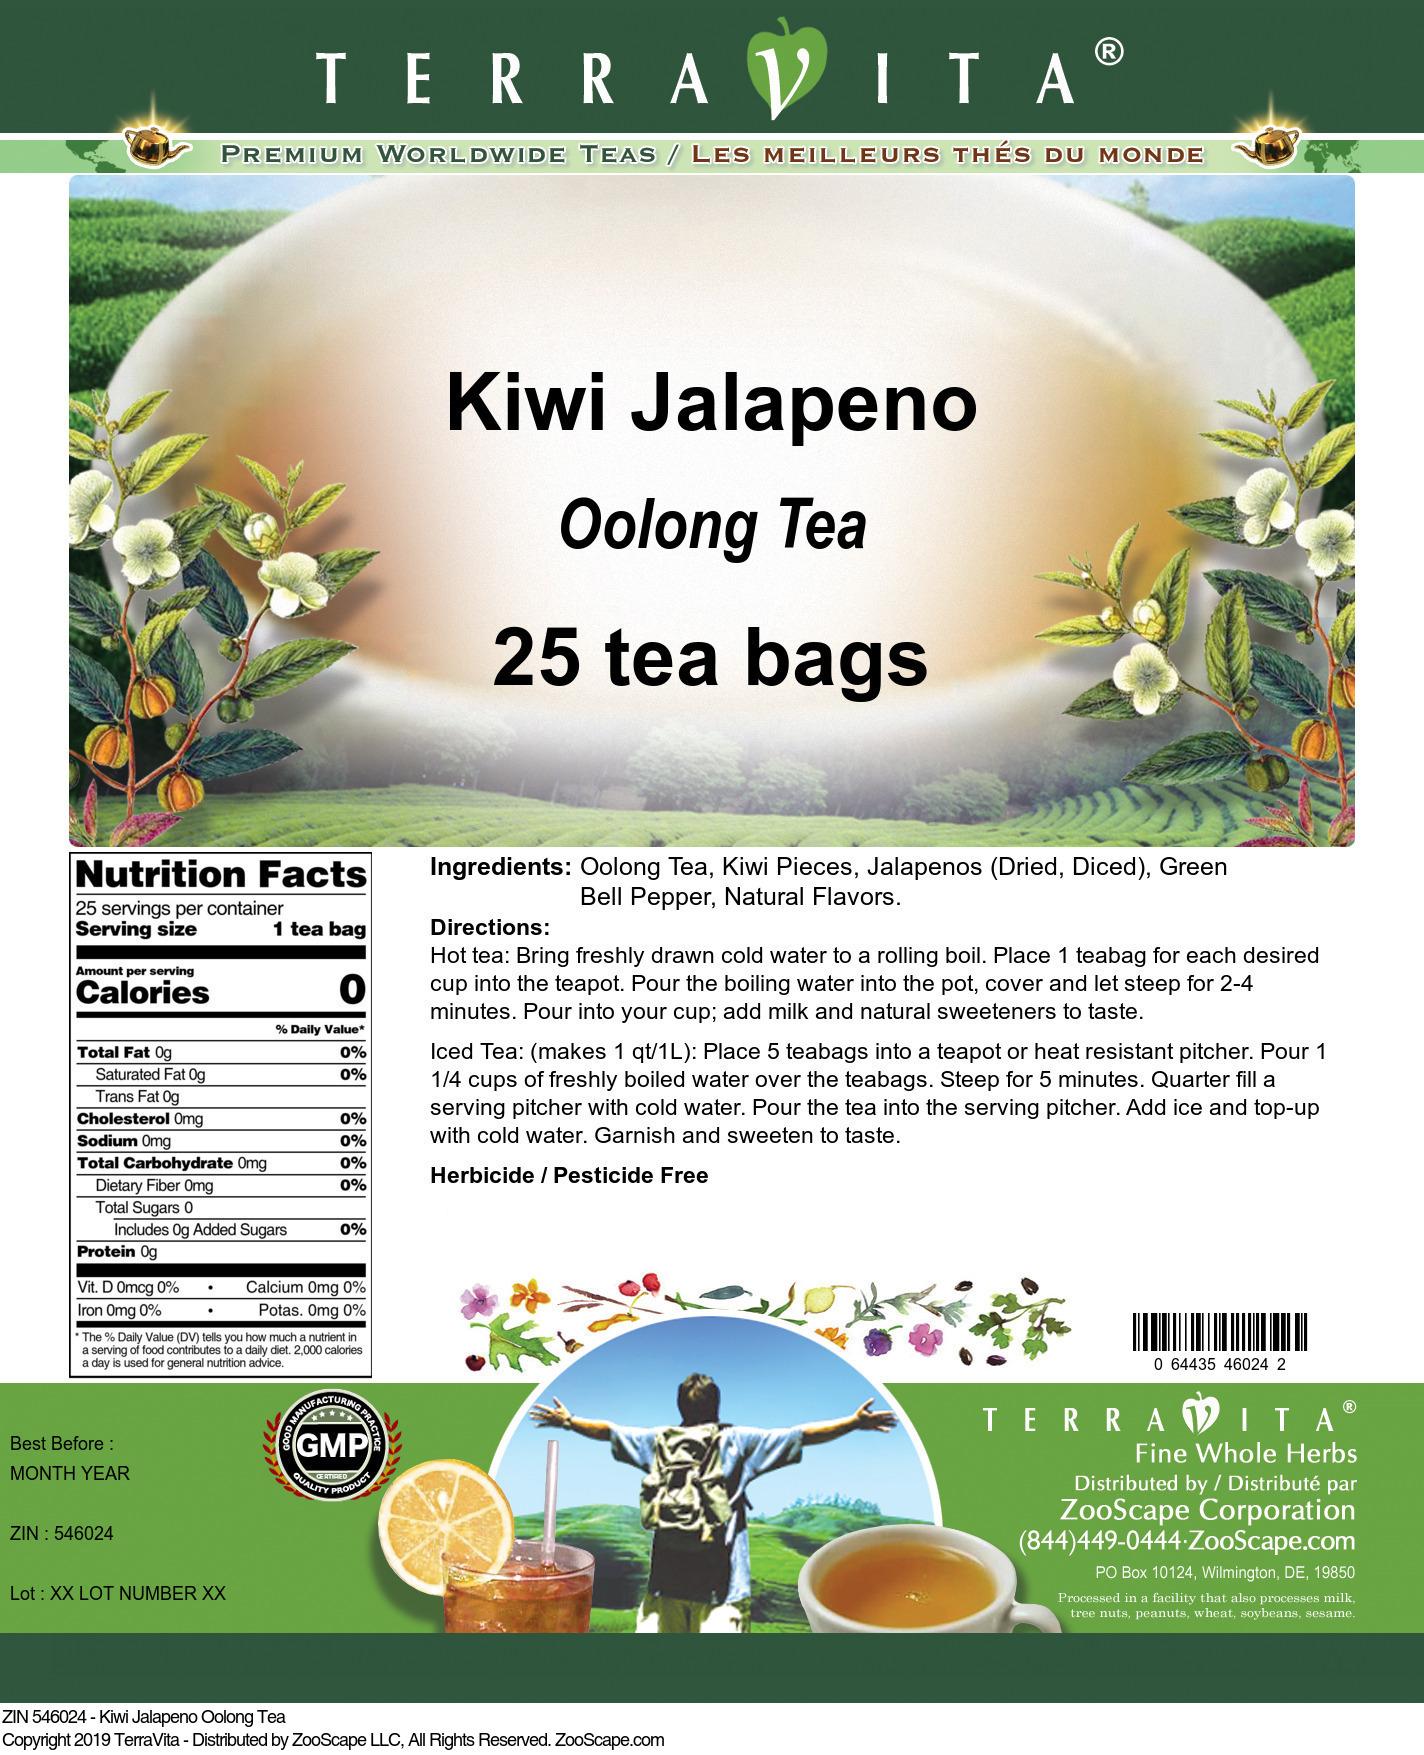 Kiwi Jalapeno Oolong Tea